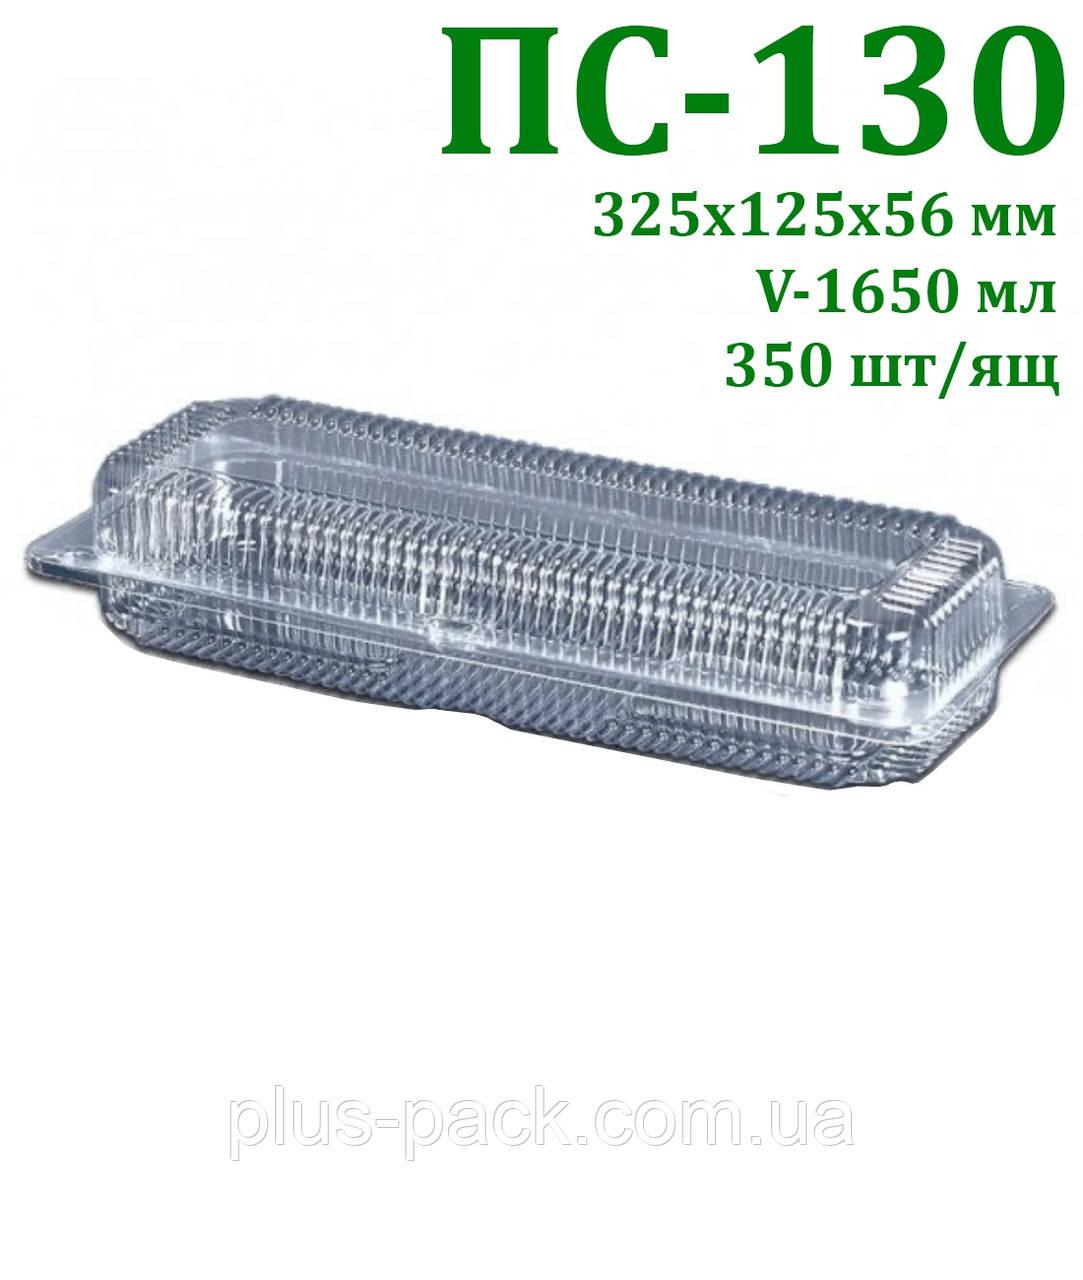 Блистерная Одноразовая Упаковка 323х125х62мм 1650 мл